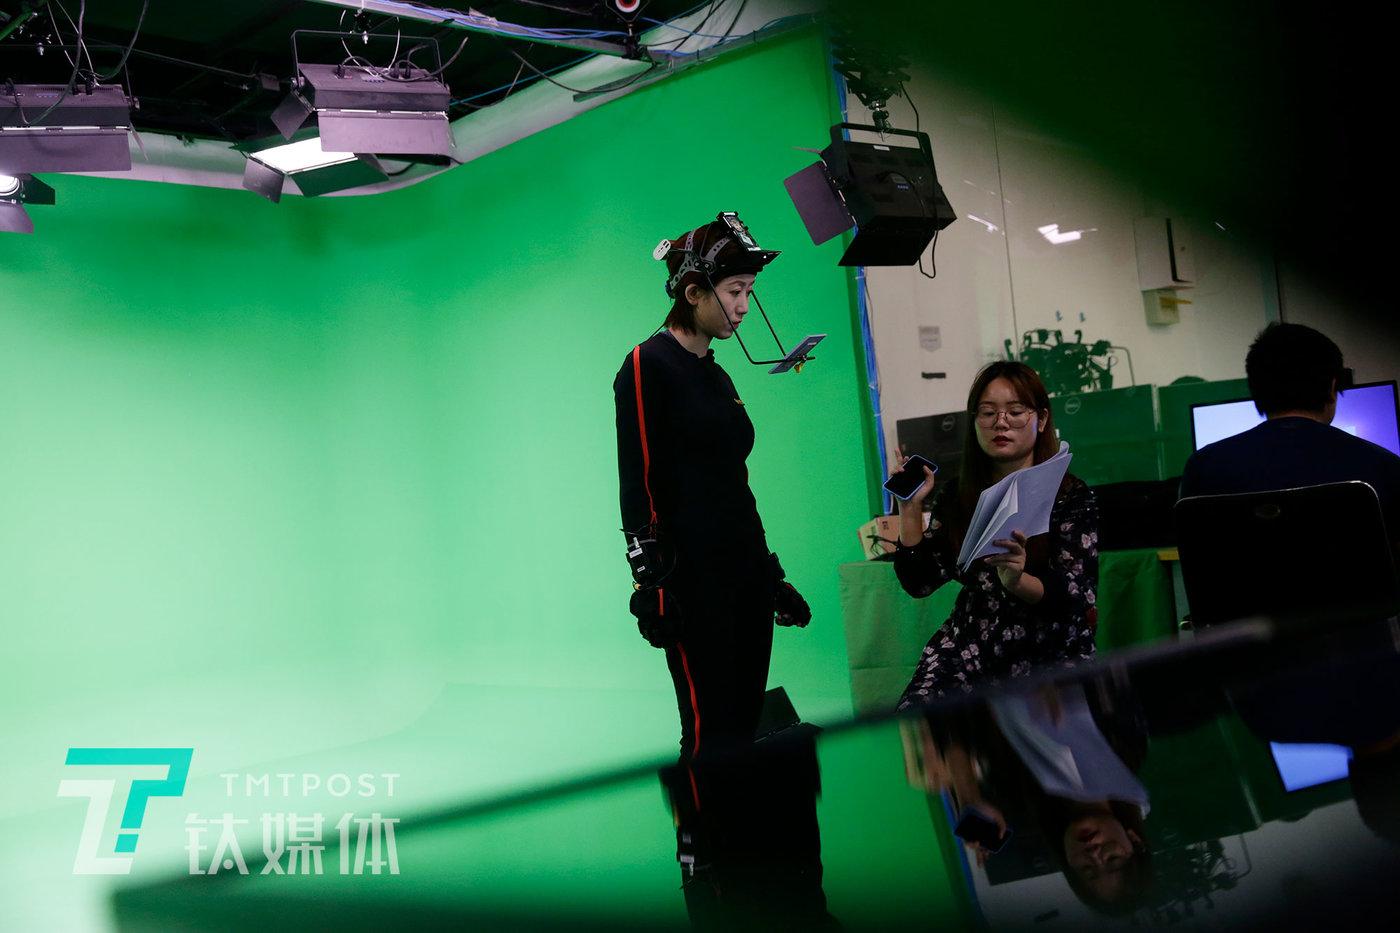 莫妮卡和同事在讨论角色。